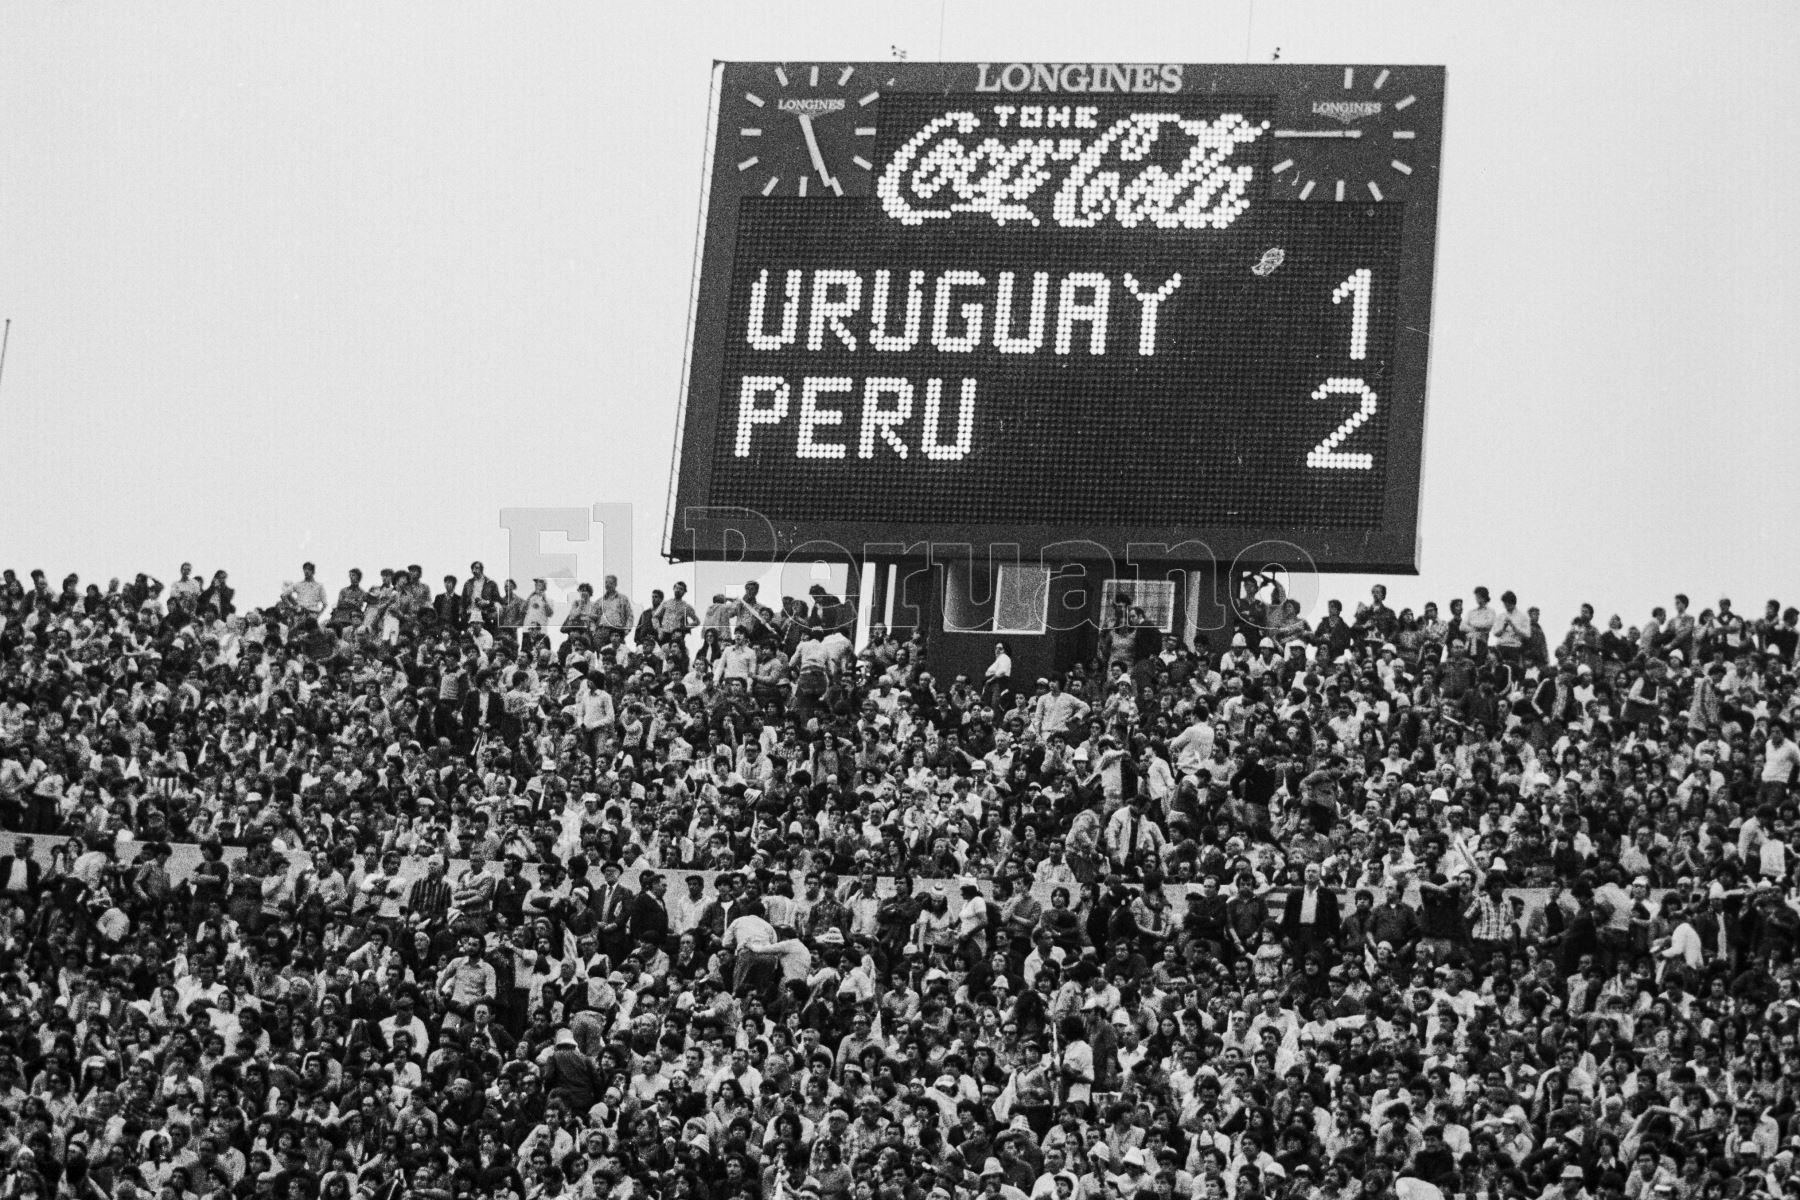 Montevideo, Uruguay - 23 agosto 1981 / Perú alcanzó la punta del Grupo 2 de las eliminatorias sudamericanas  para el Mundial de España 82 al vencer a Uruguay de visita. El marcador del mitico estadio Centenario refleja el marcador final de 2-1.Foto: Archivo El Peruano/ Rómulo Luján